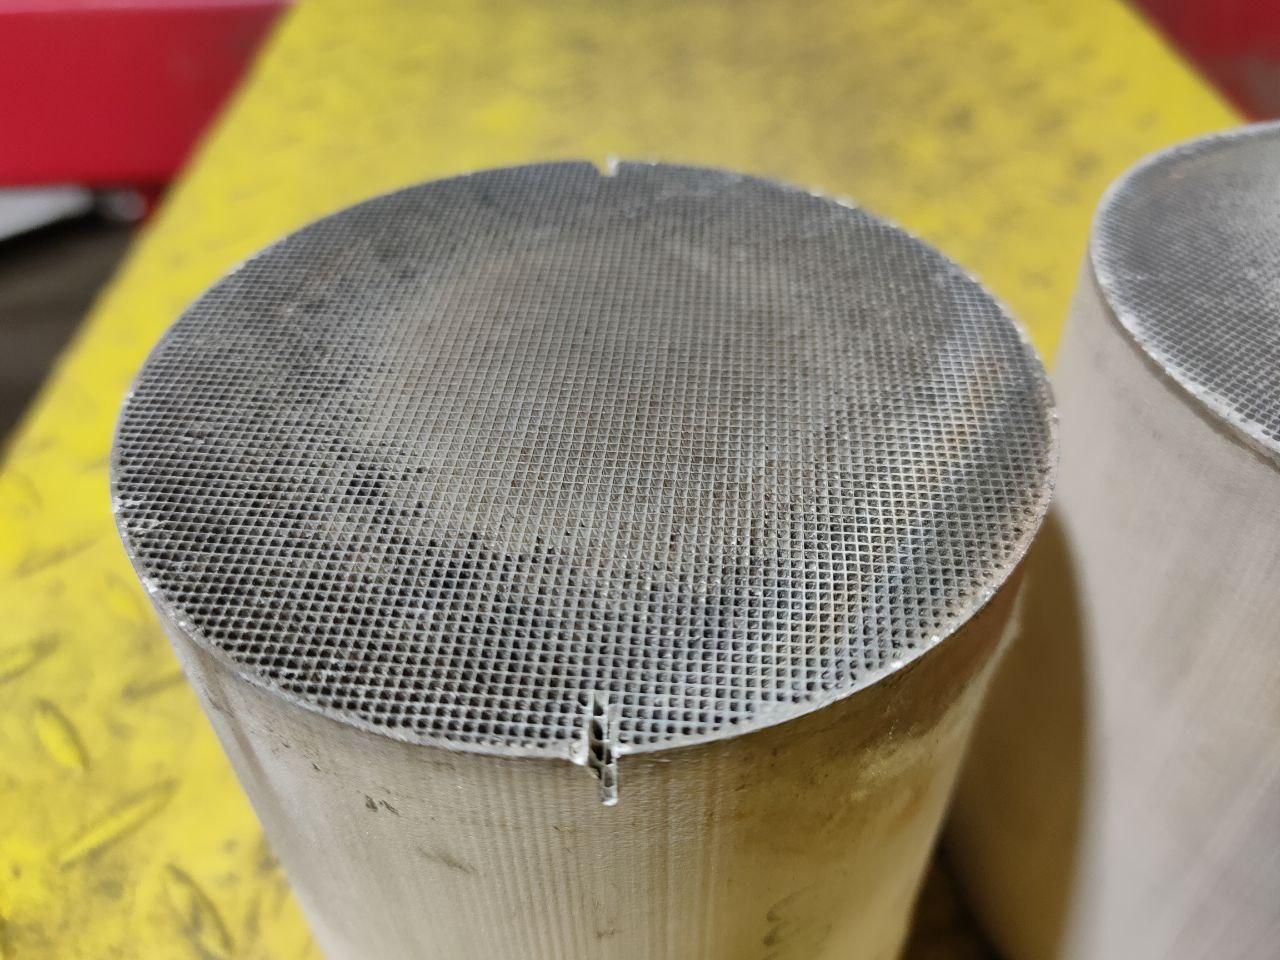 Автокатализатор — это фильтр выхлопной системы